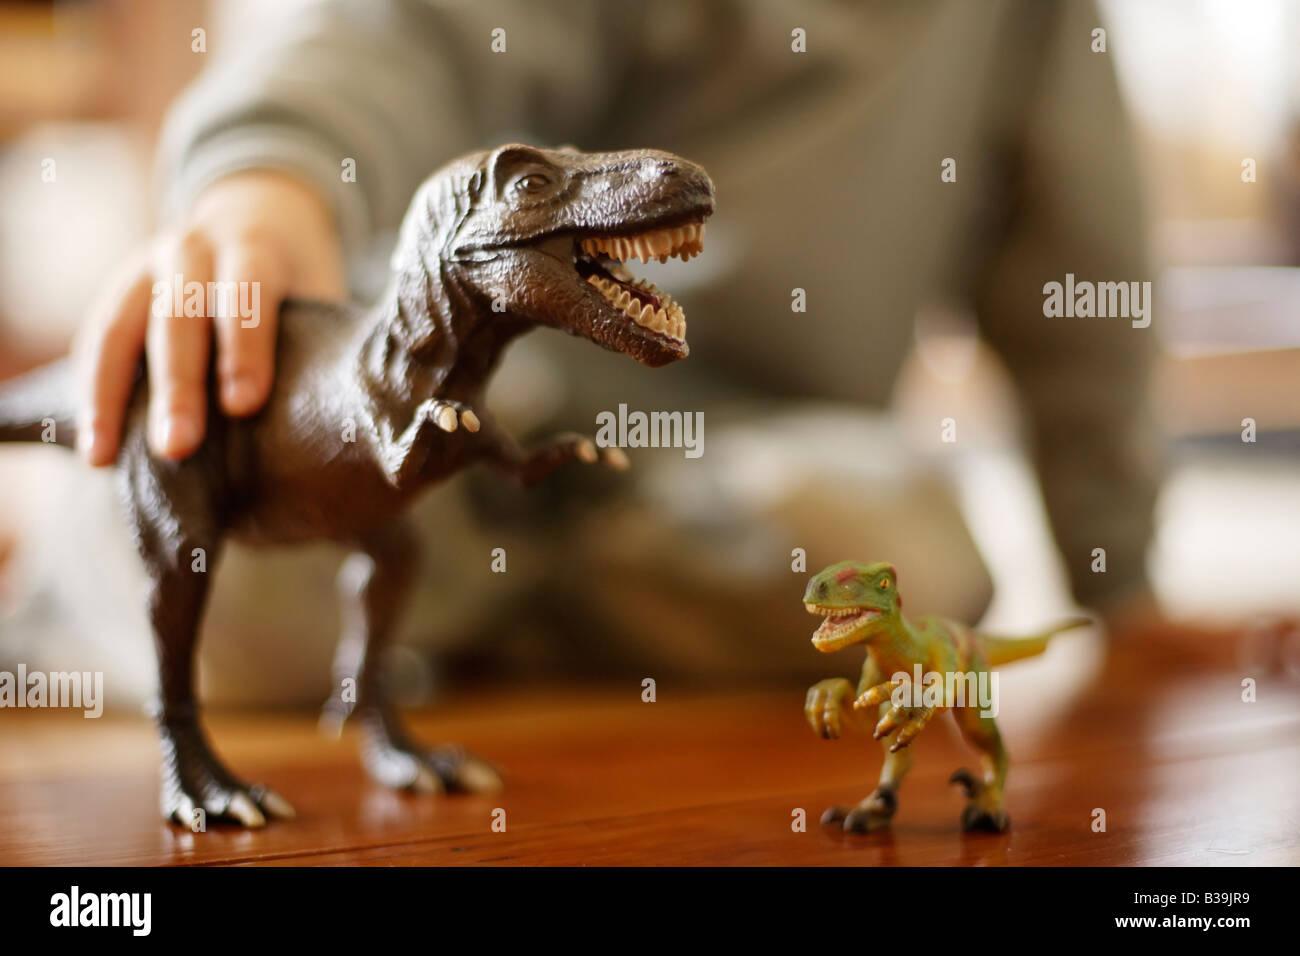 Modello Tyrannosaurus rex nelle mani di sei anni vecchio ragazzo di mangiare un altro giocattolo dinosauro un velociraptor Immagini Stock